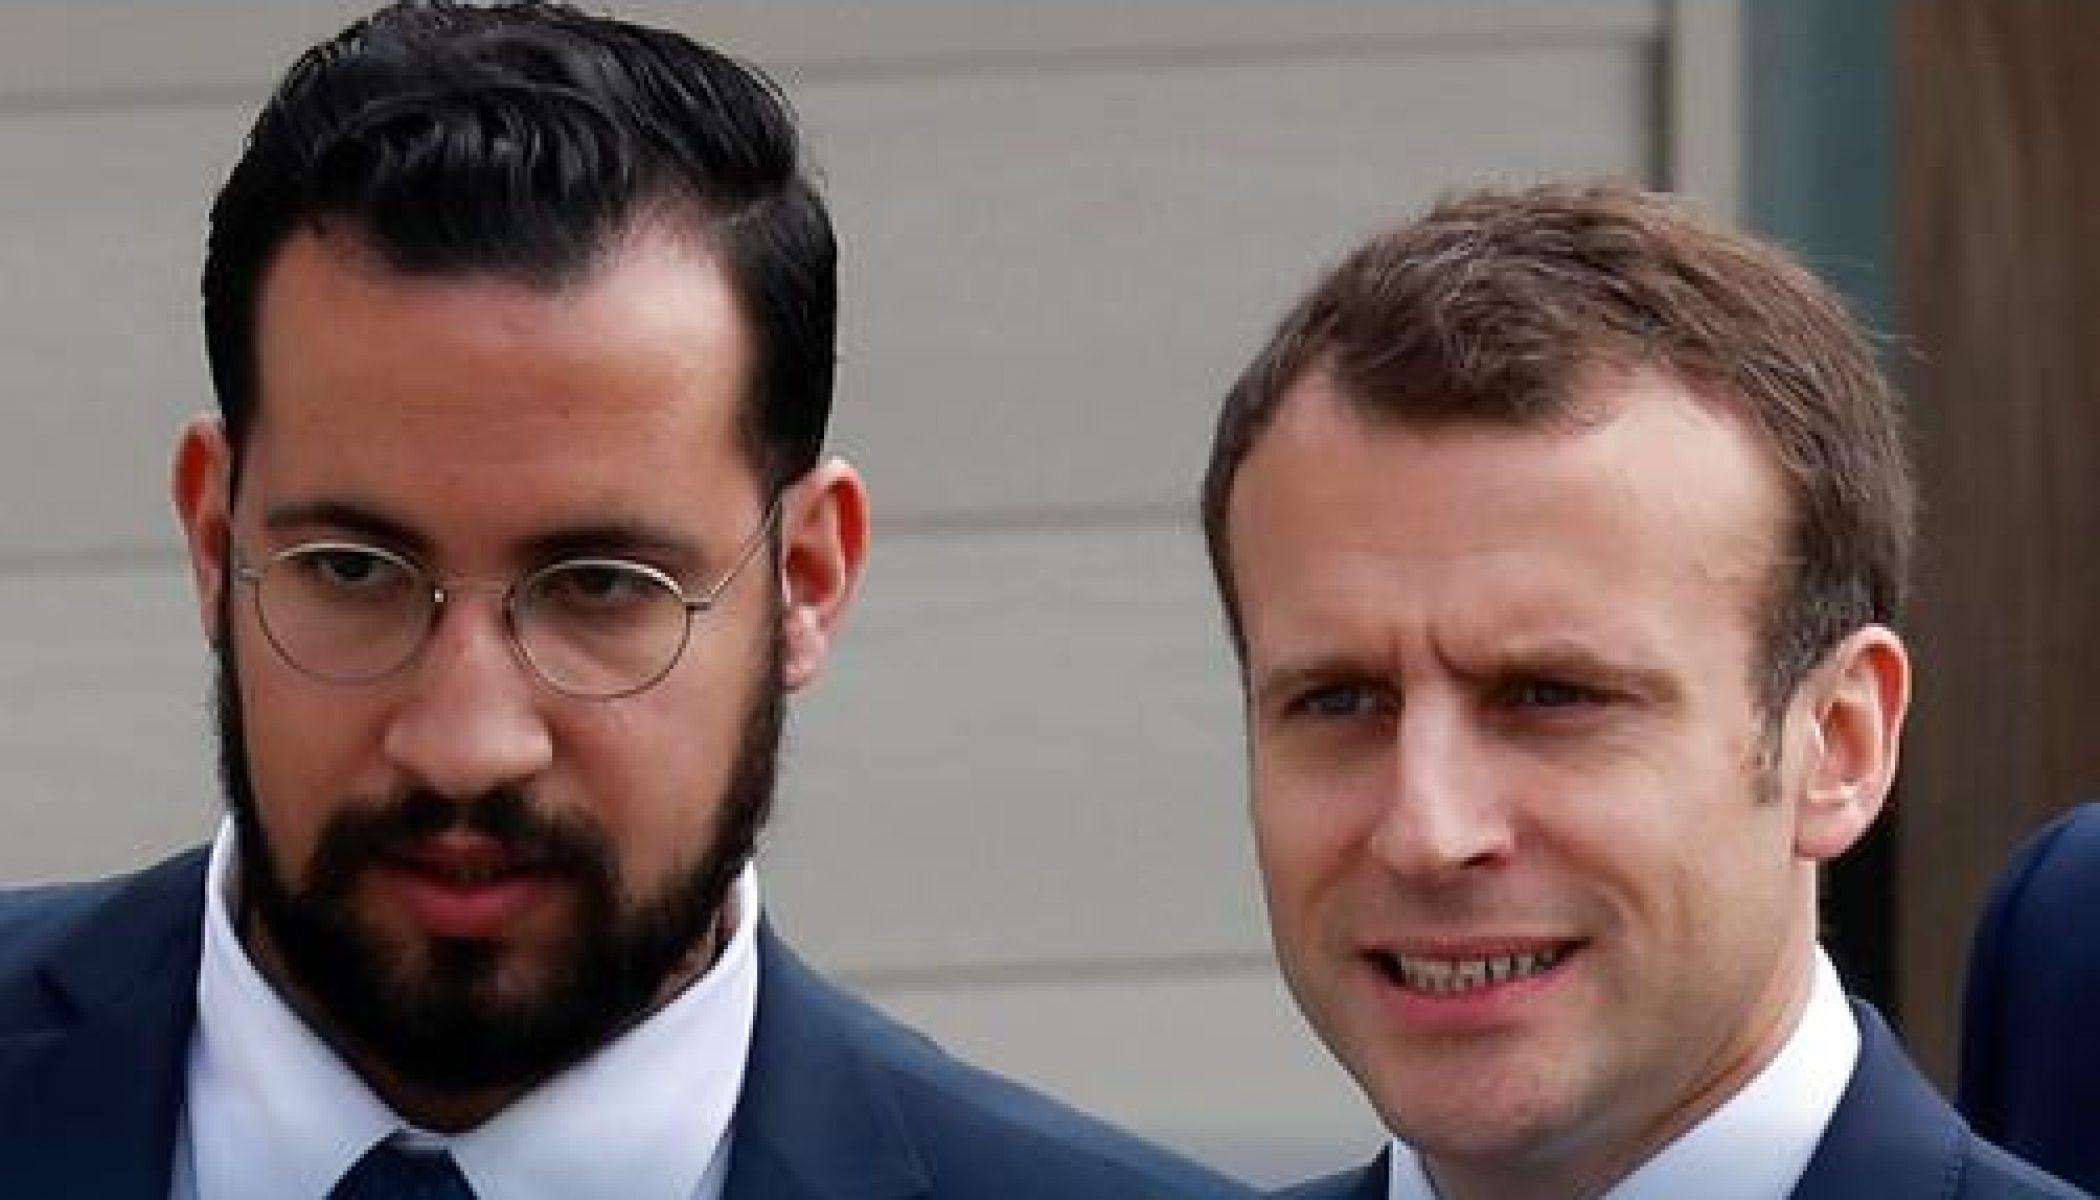 Affaire Benalla La Panique A Saisi Le Sommet Du Pouvoir